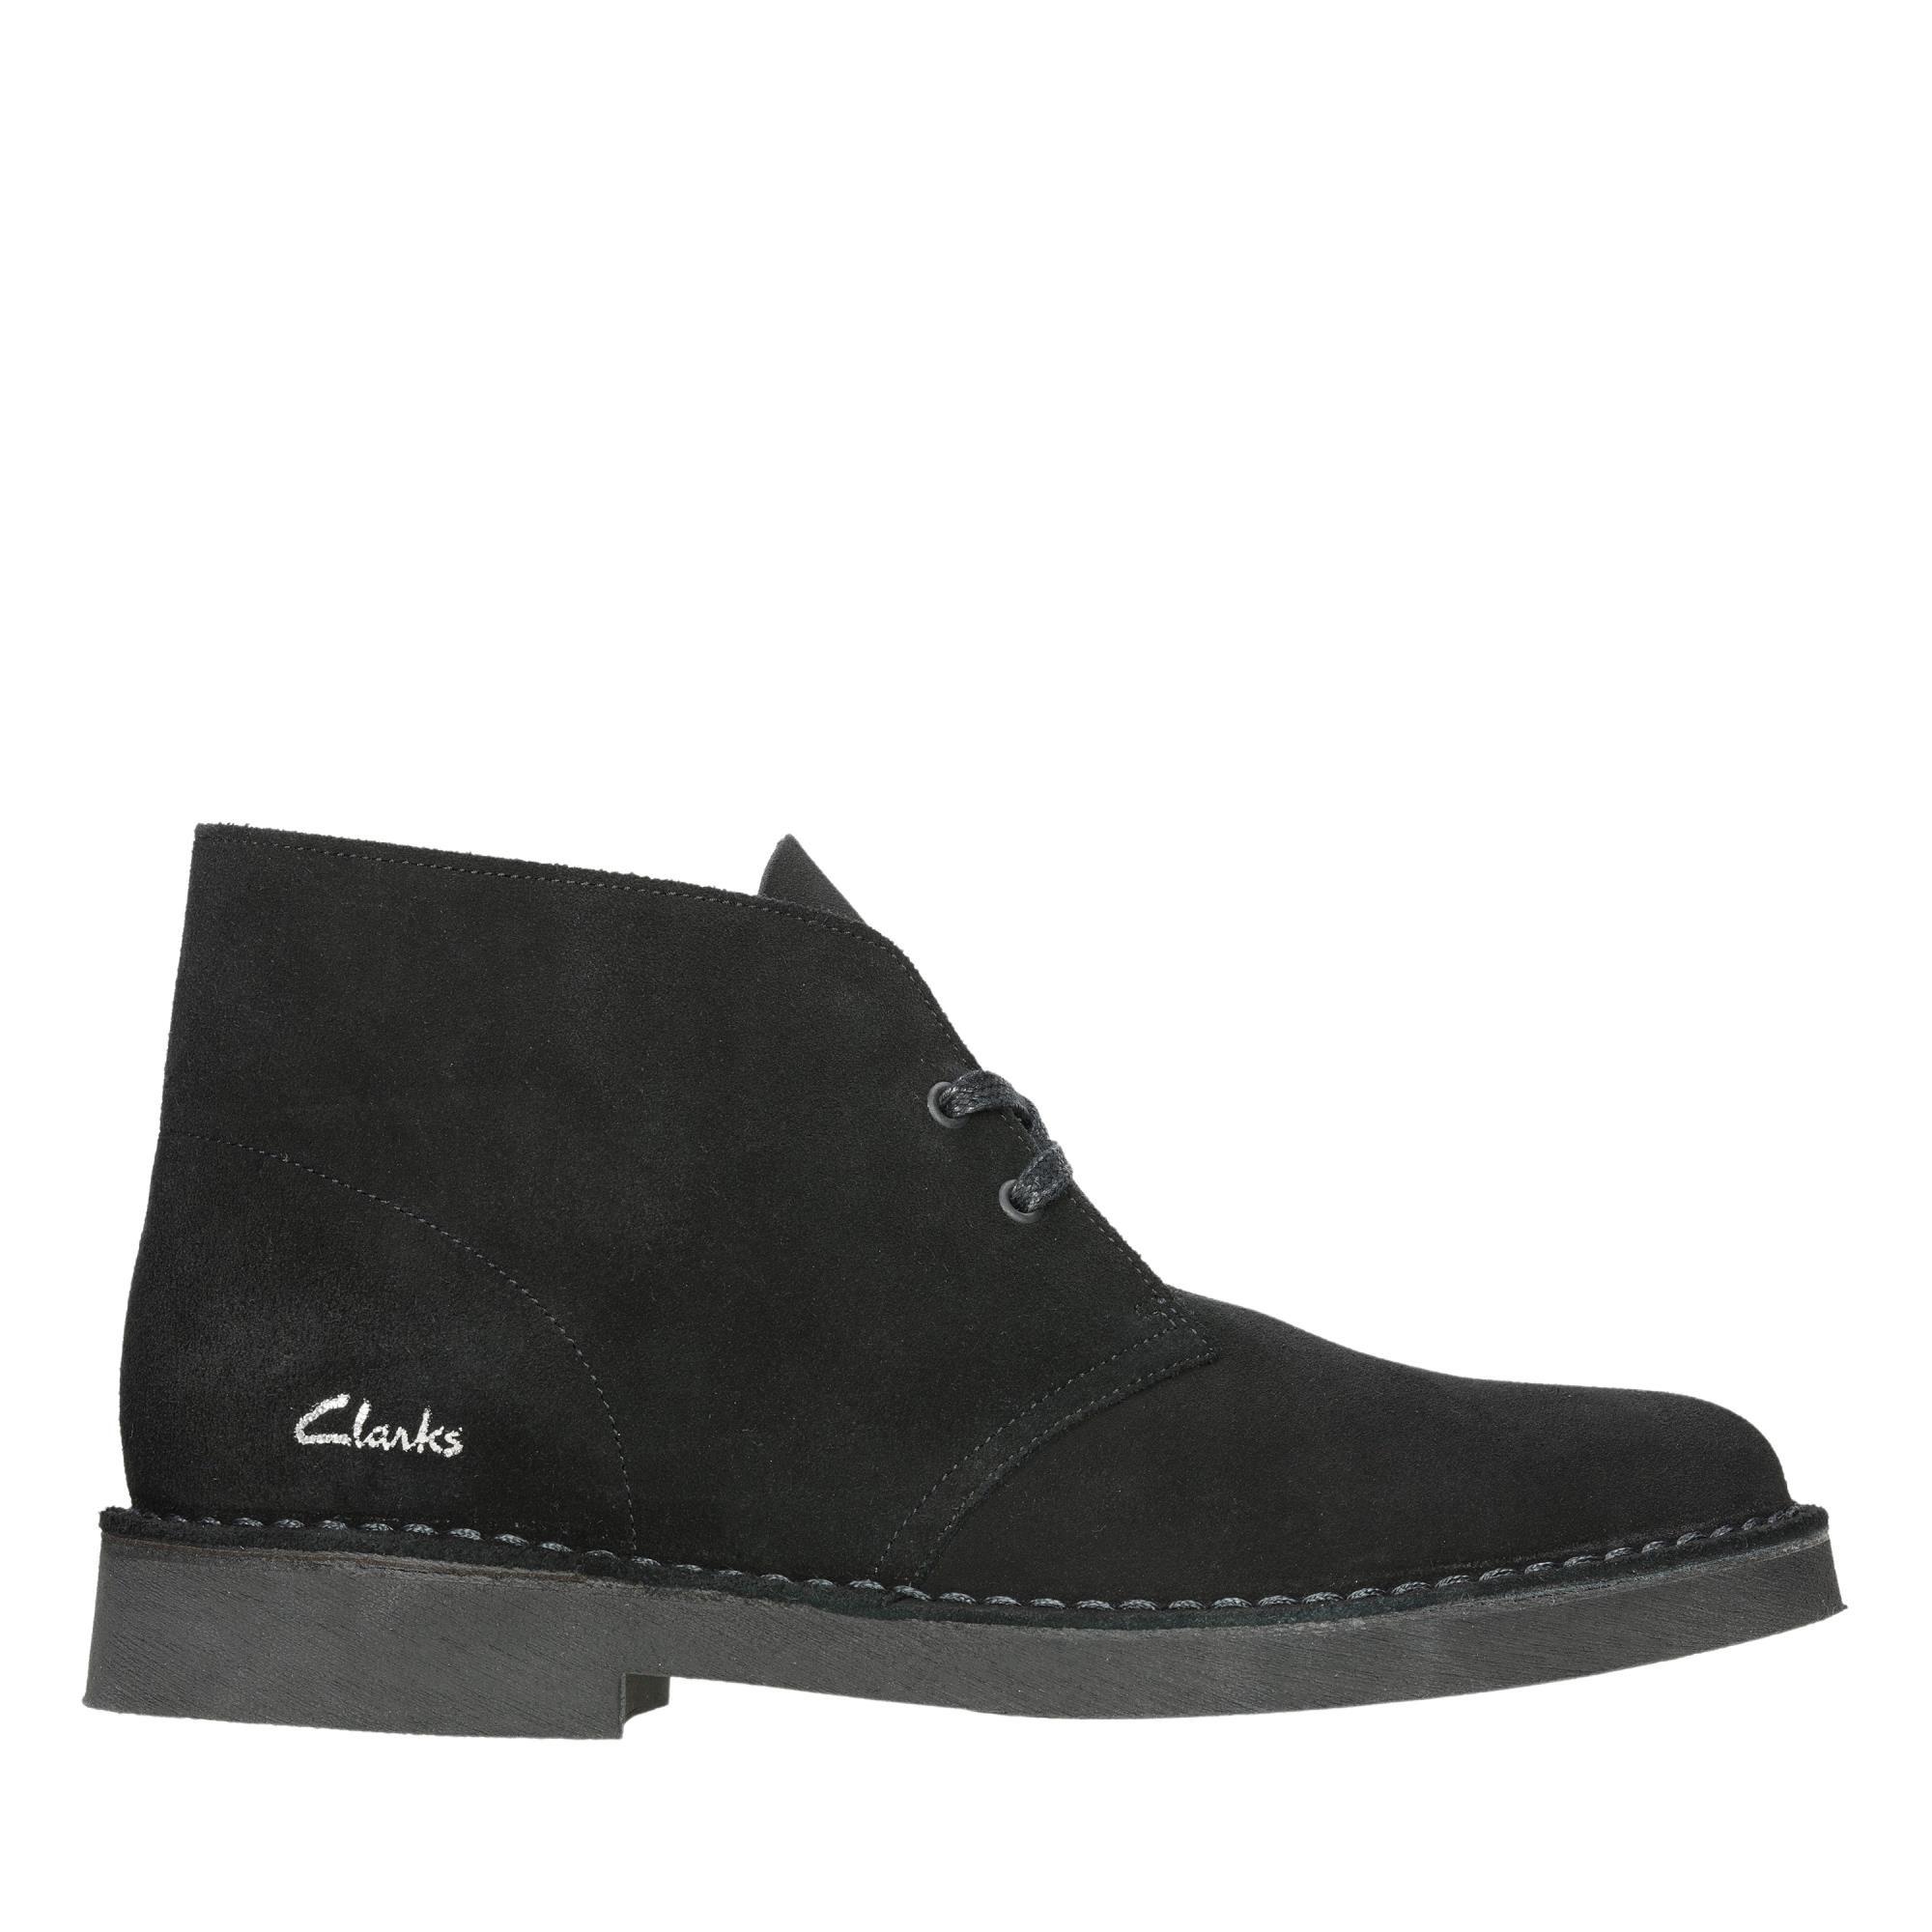 Clarks Desert Boot 2 26155499 Black Suede